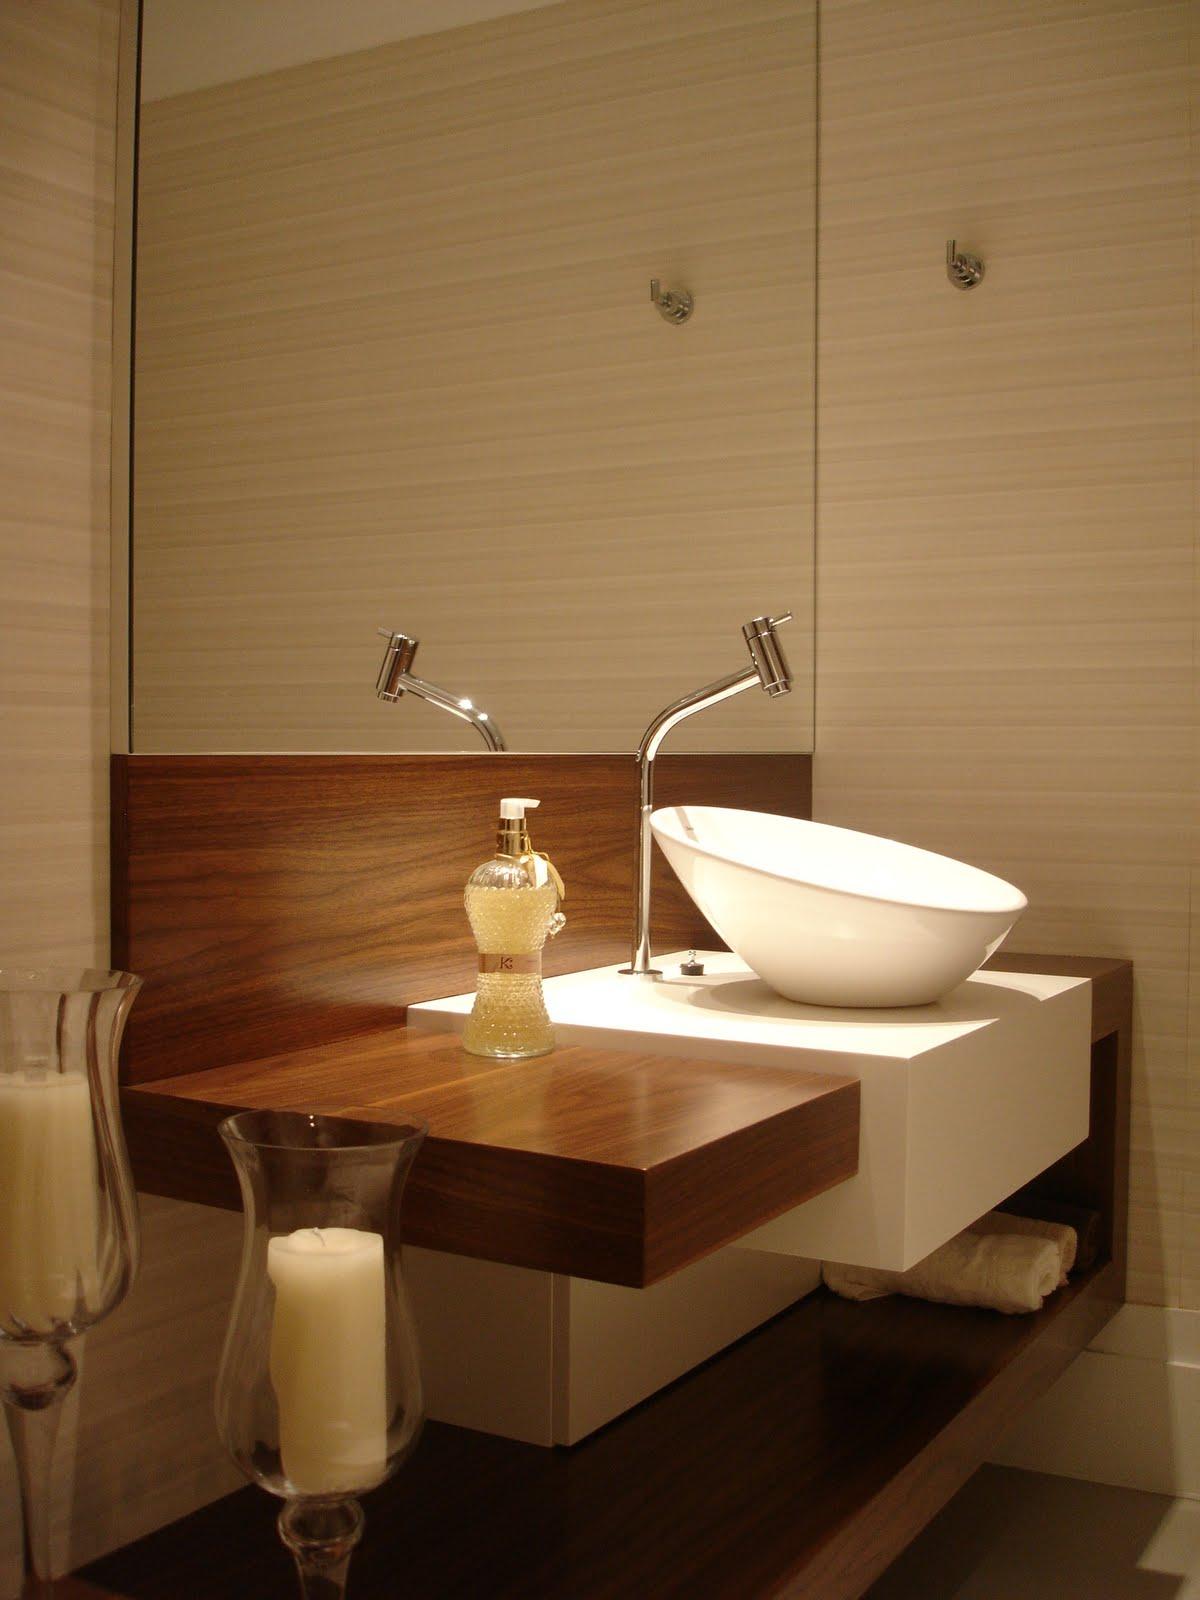 decoracao lavabo apartamento:Independente do estilo o segredo é saber  #AB8620 1200x1600 Banheiro Apartamento Decoração